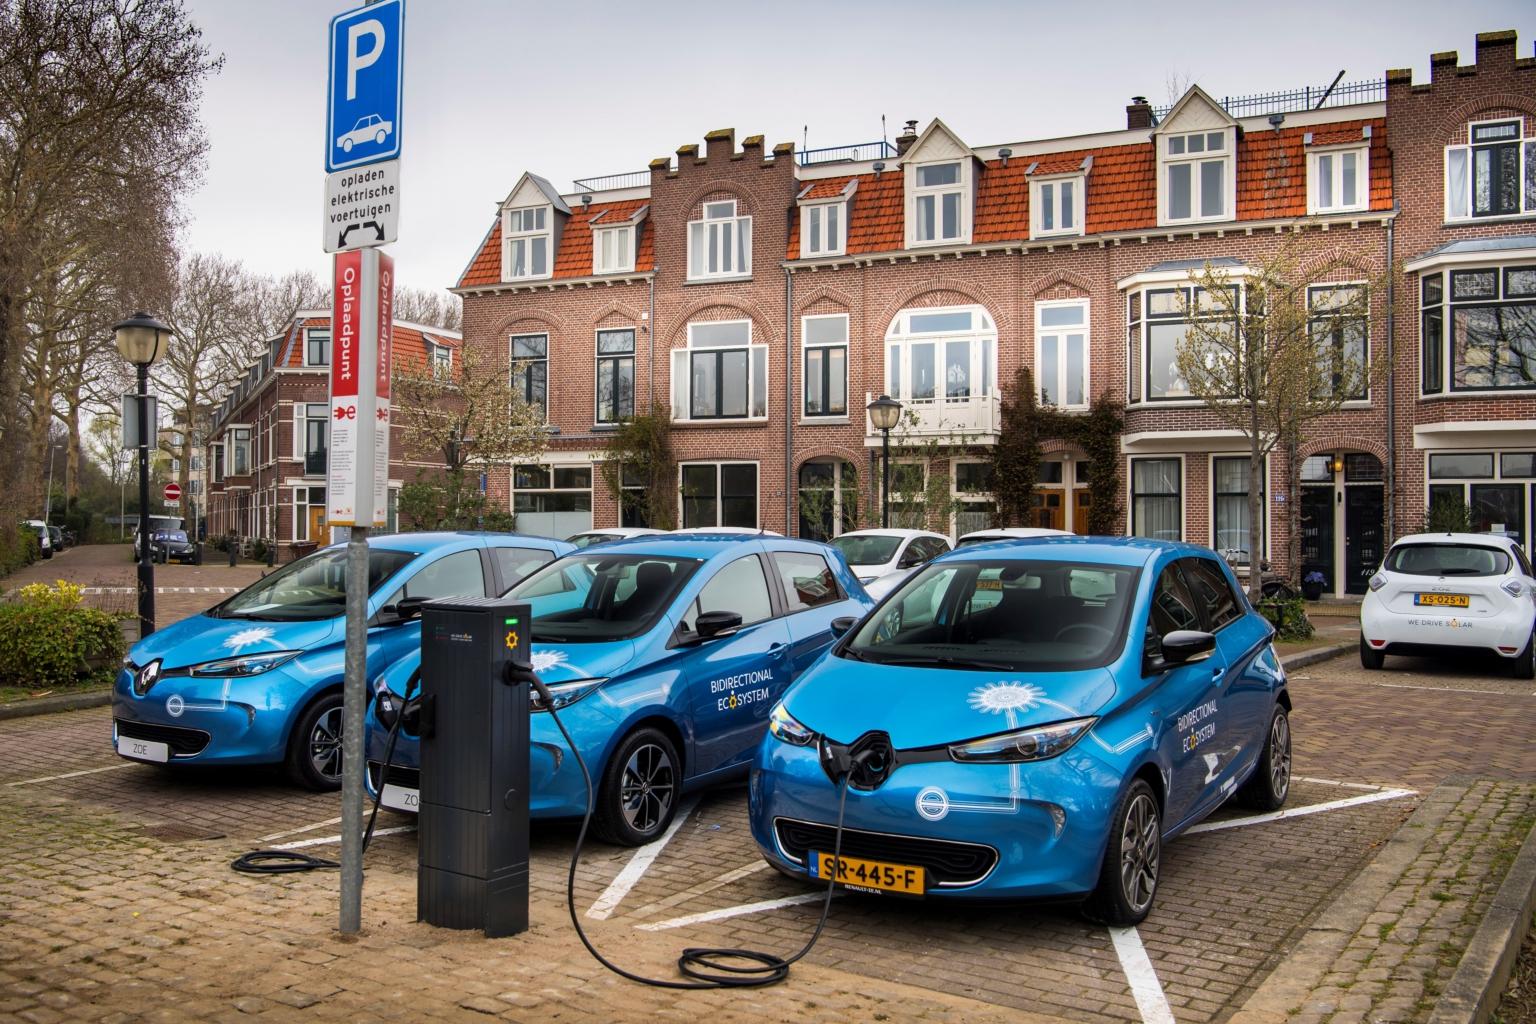 Dvosmjerno povezivanje električnih vozila na široku distribucijsku mrežu